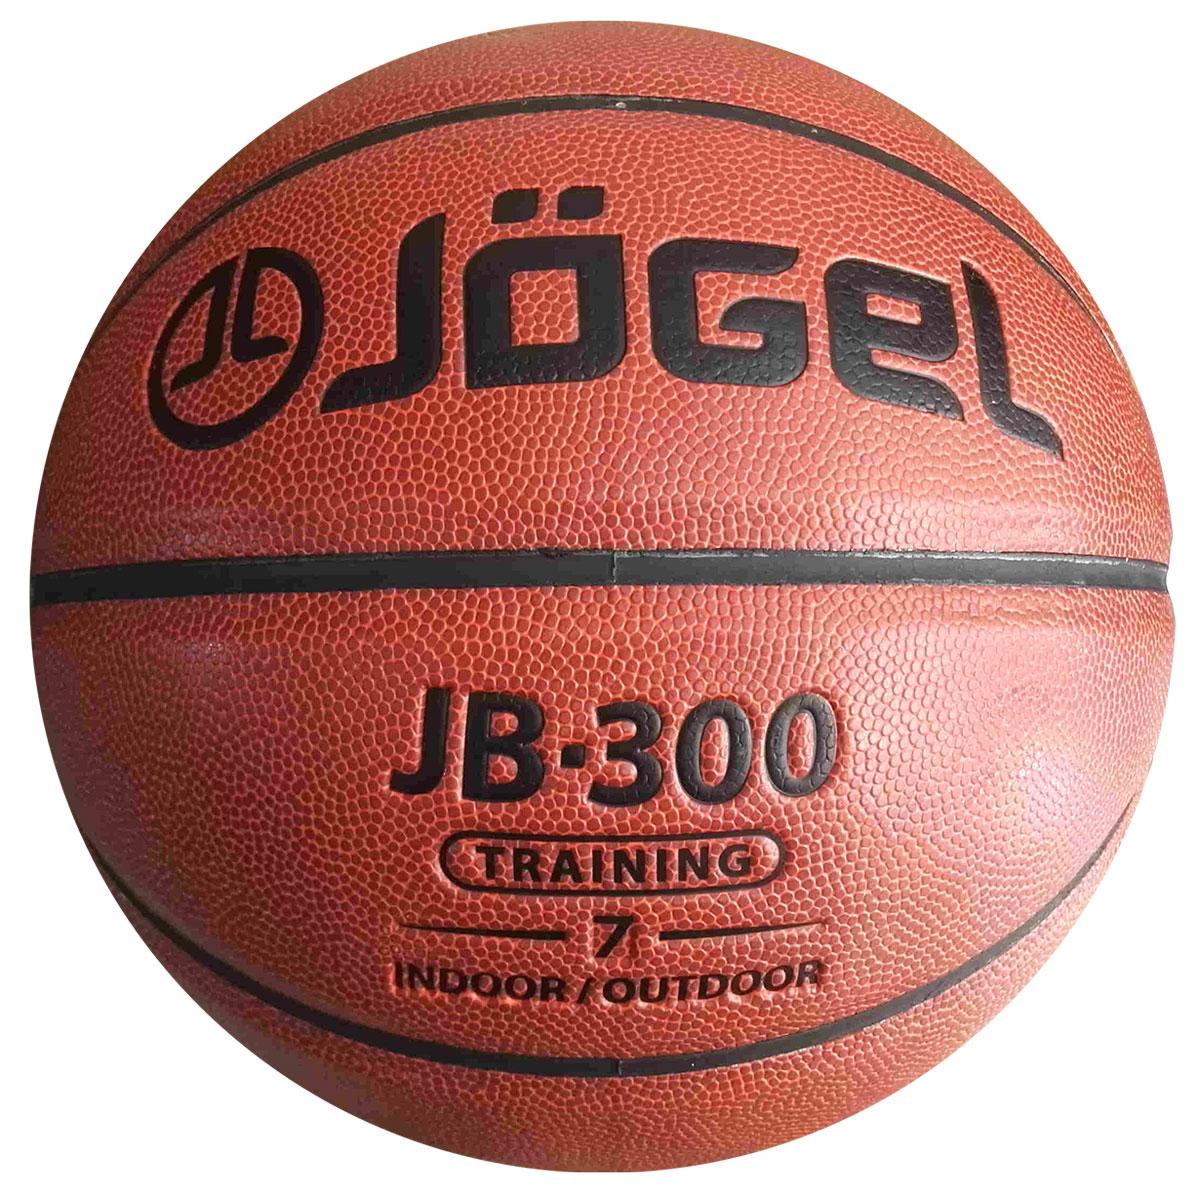 Мяч баскетбольный Jogel, цвет: коричневый. Размер 7. JB-300УТ-00009325Название:Мяч баскетбольный Jgel JB-300 №7Уровень:Тренировочный мячСерия: TRAININGКатегория: INDOOR/OUTDOORОписание:Jogel JB-300 №7 это прекрасный баскетбольный мяч из серии TRAINING. Доступная цена и специальный материал, позволяющий играть данным мячом практически на любой поверхности, выгодно отличают его от аналогичных мячей других марок. Поверхность мяча выполнена из композитного материала, благодаря чему данным мячом можно играть как на улице, так и в зале. Благодаря технологии DeepChannel (глубокие каналы), используемой при производстве мячей Jogel, достигается лучший контроля мяча во время броска и дриблинга. Размер №7 предназначается для мужчин и юношей от 17 лет, официальный размер для соревнований мужских команд. Данный мяч рекомендован для любительской игры, тренировок и соревнований любительских команд и команд среднего уровня.Данный мяч прекрасно подходит для поставок на гос. тендеры, образовательные учреждения и спортивные секции. Официальный размер и вес FIBA.Рекомендованные покрытия: Паркет, резина, бетон, асфальтМатериал поверхности:Композитный материалМатериал камеры:БутилТип соединения панелей:КлееныйКоличество панелей:8Размер:7Вес:567-650 гр.Длина окружности: 75-78 смРекомендованное давление: 0.5-0.6 барКоличество в коробке: 24 шт.Основной цвет:КоричневыйДополнительный цвет:ЧерныйБренд: JogelСтрана бренда:ГерманияПроизводство:КНР